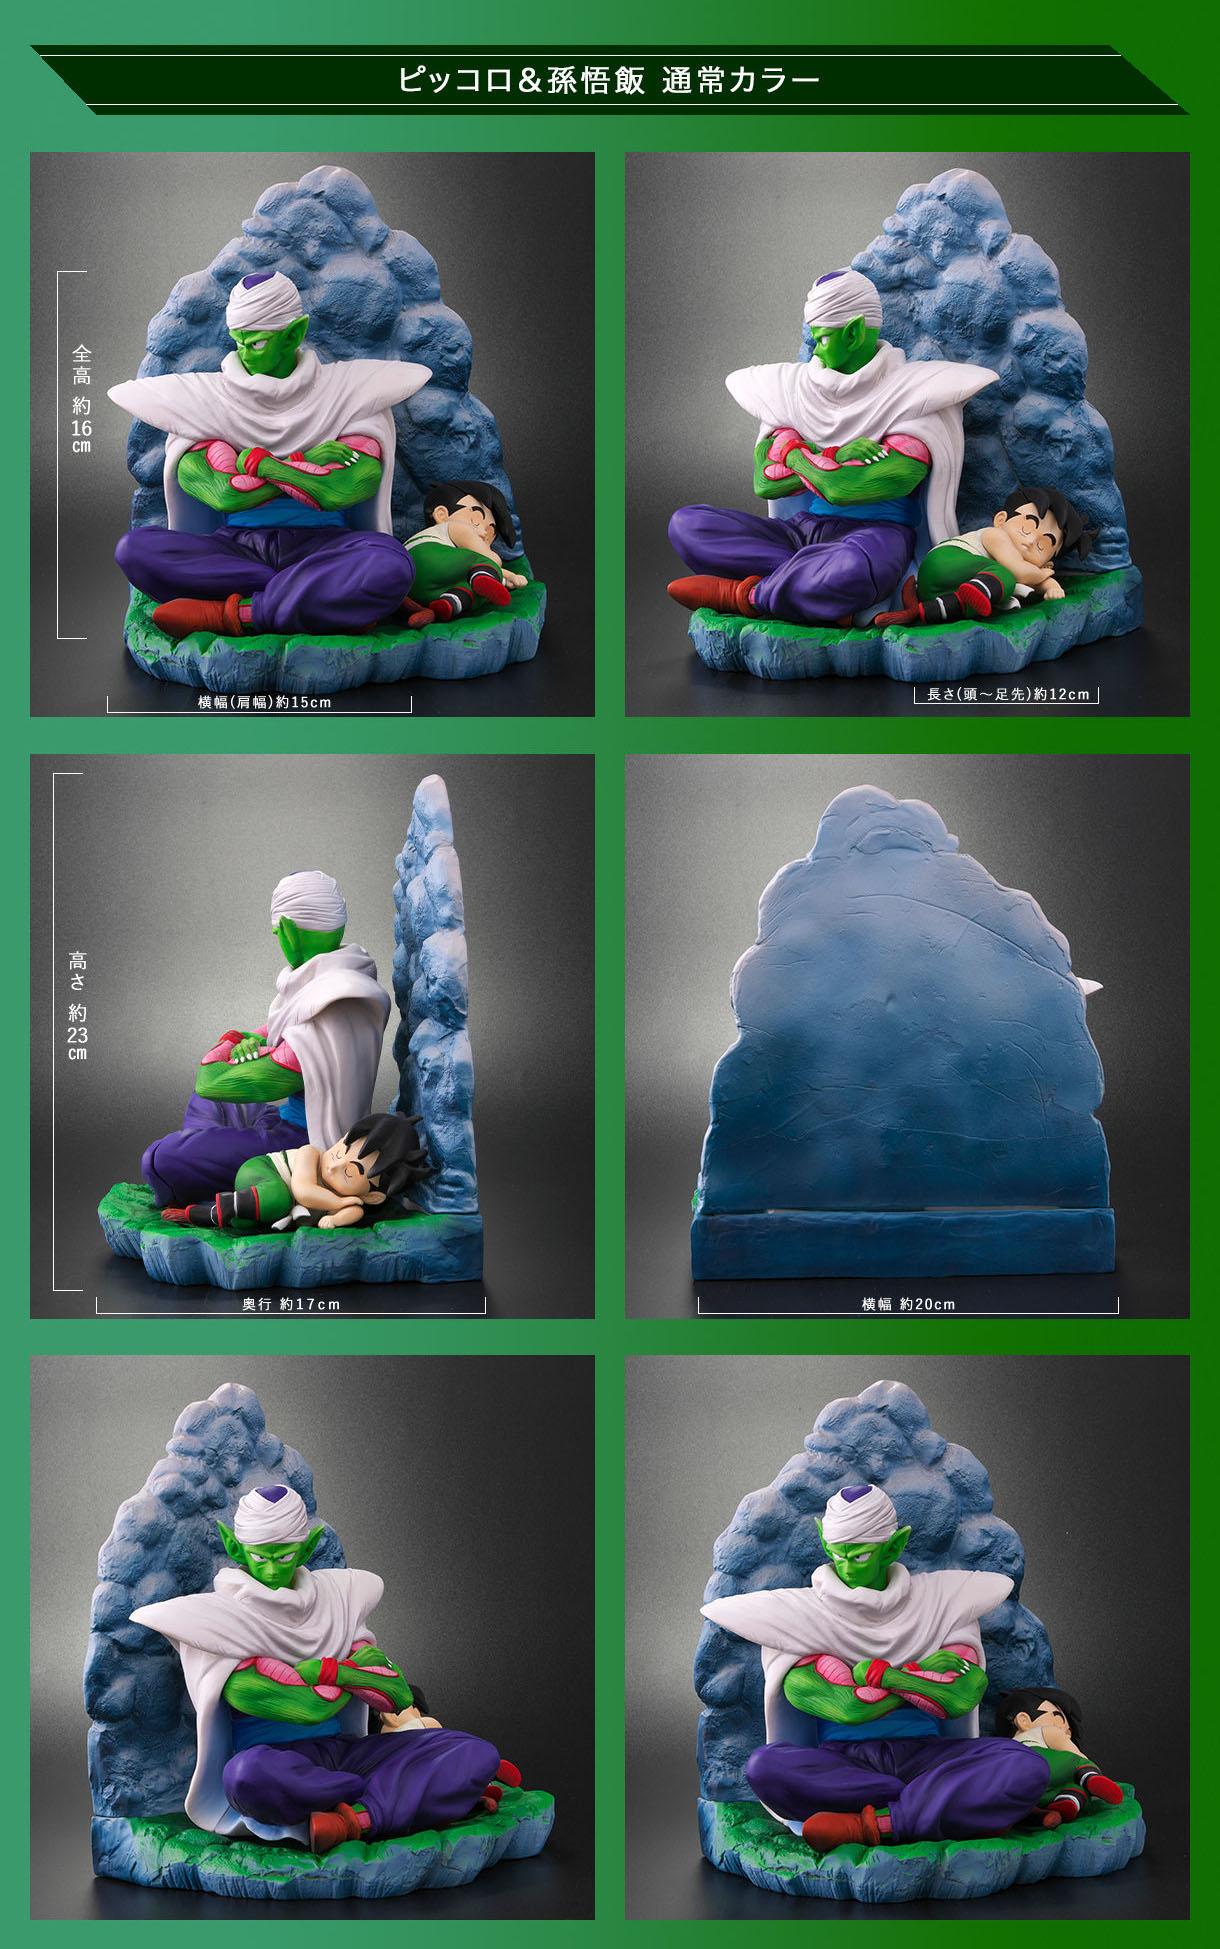 【ドラゴンボールアライズ ピッコロ&孫悟飯予約受付開始】&1989年作「ピッコロ大魔王の名にかけて」を振り返る(2020年最新プレバン情報)